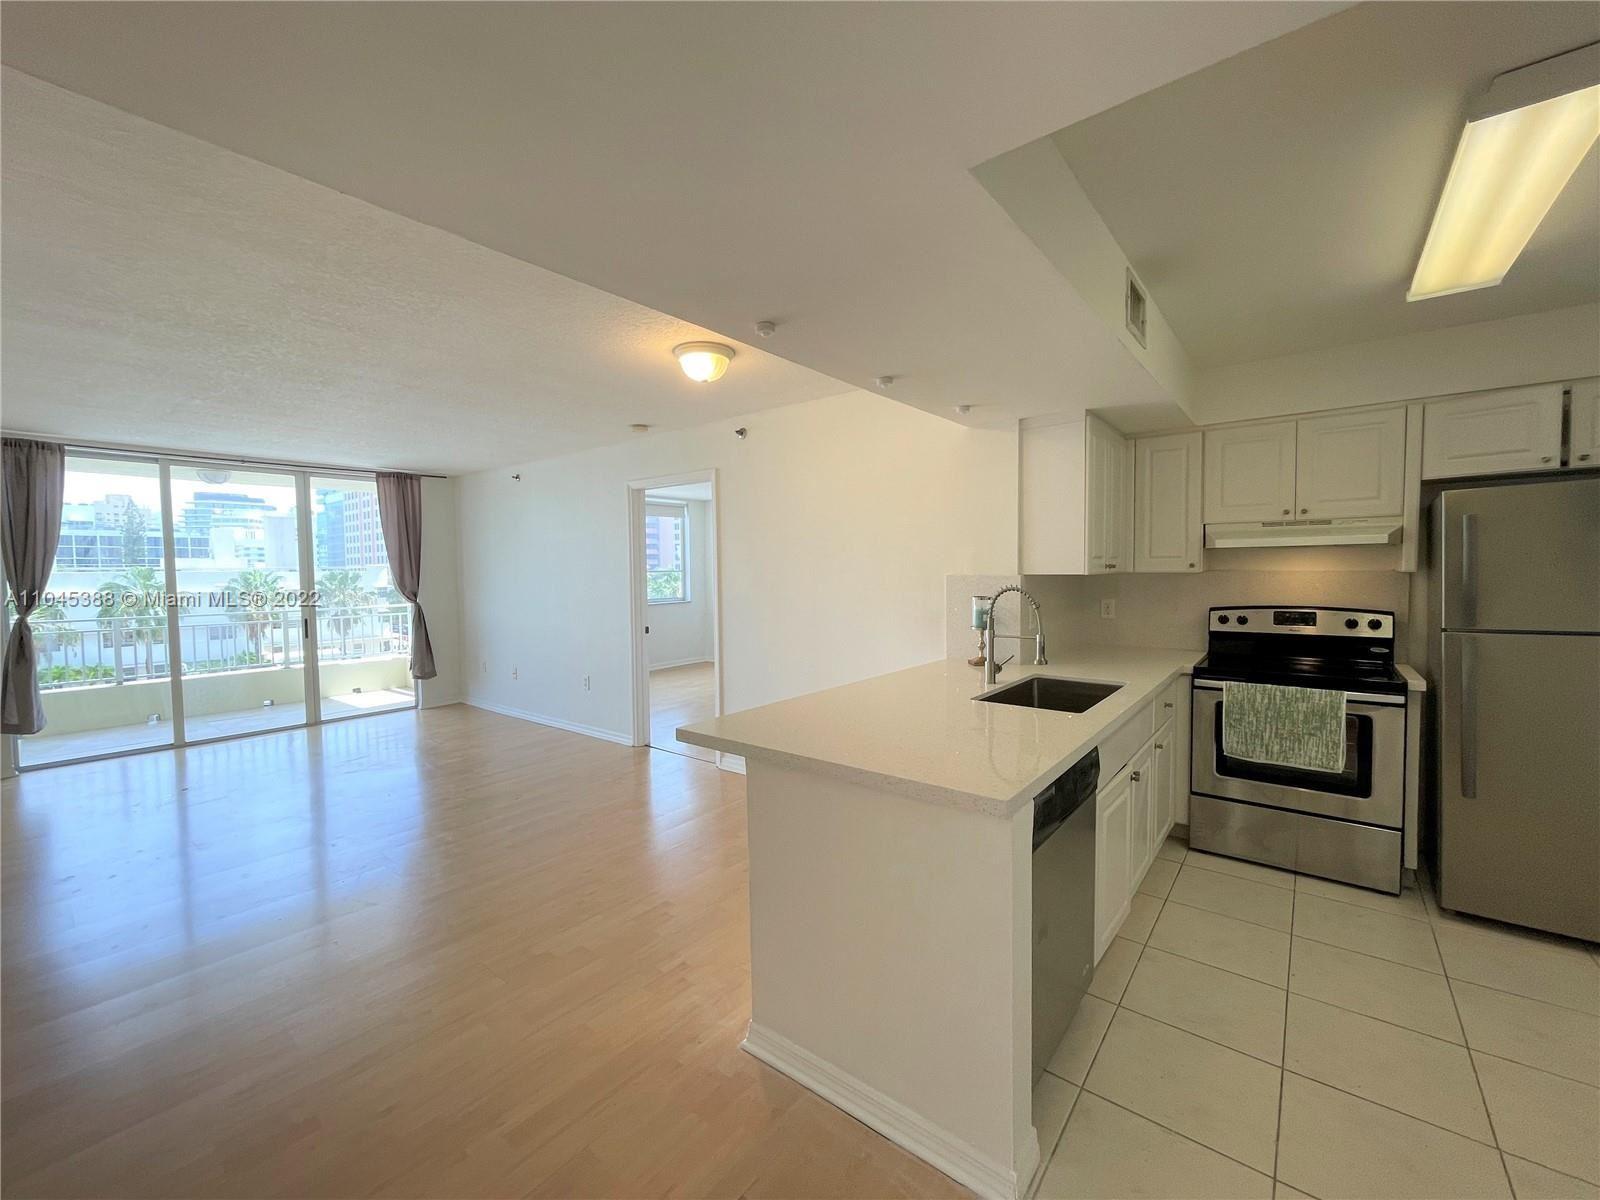 2642 Collins Ave #404, Miami Beach, FL 33140 - #: A11045388